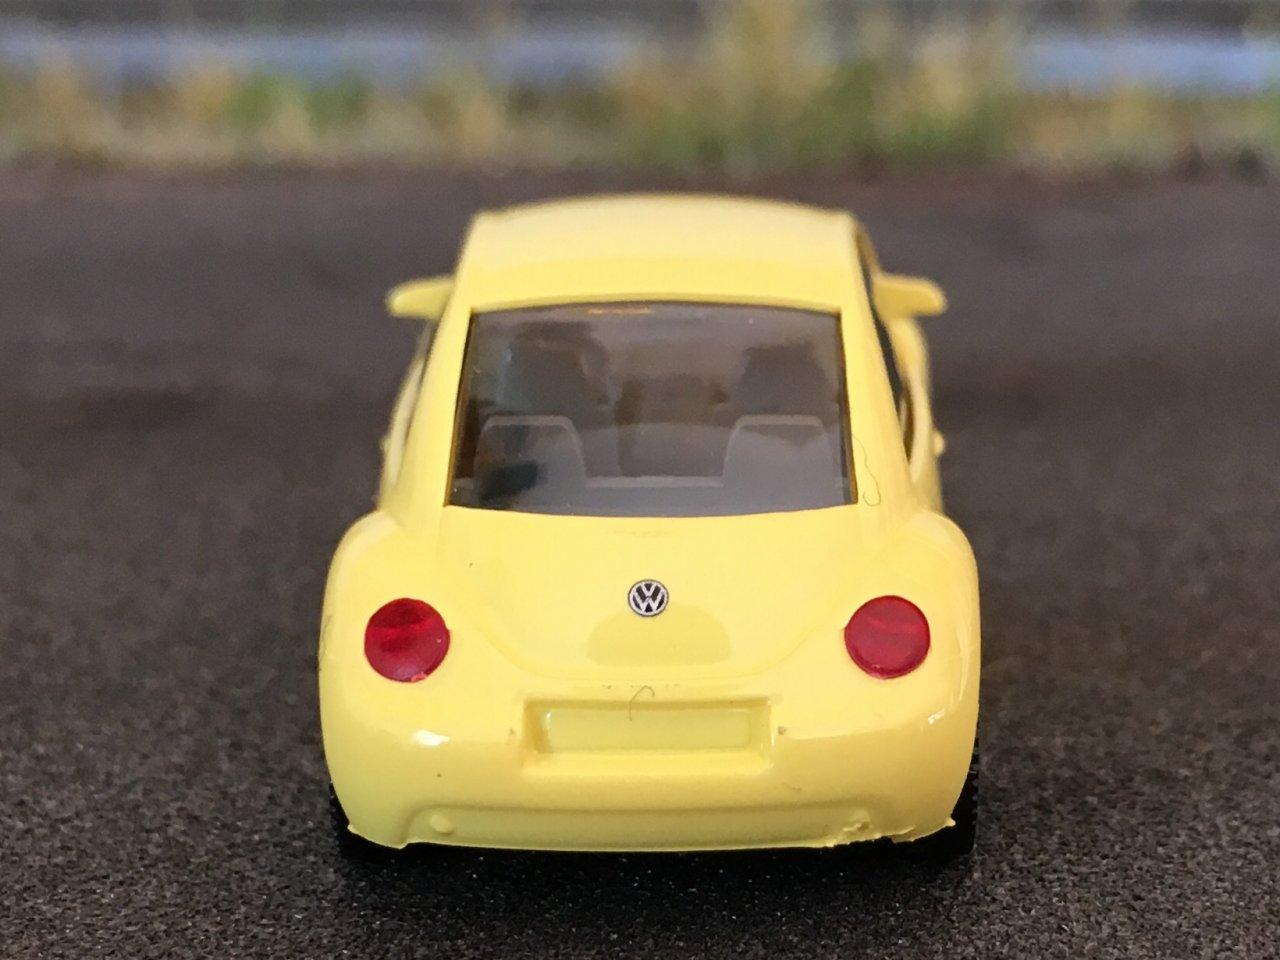 VW Beetle 005.jpg